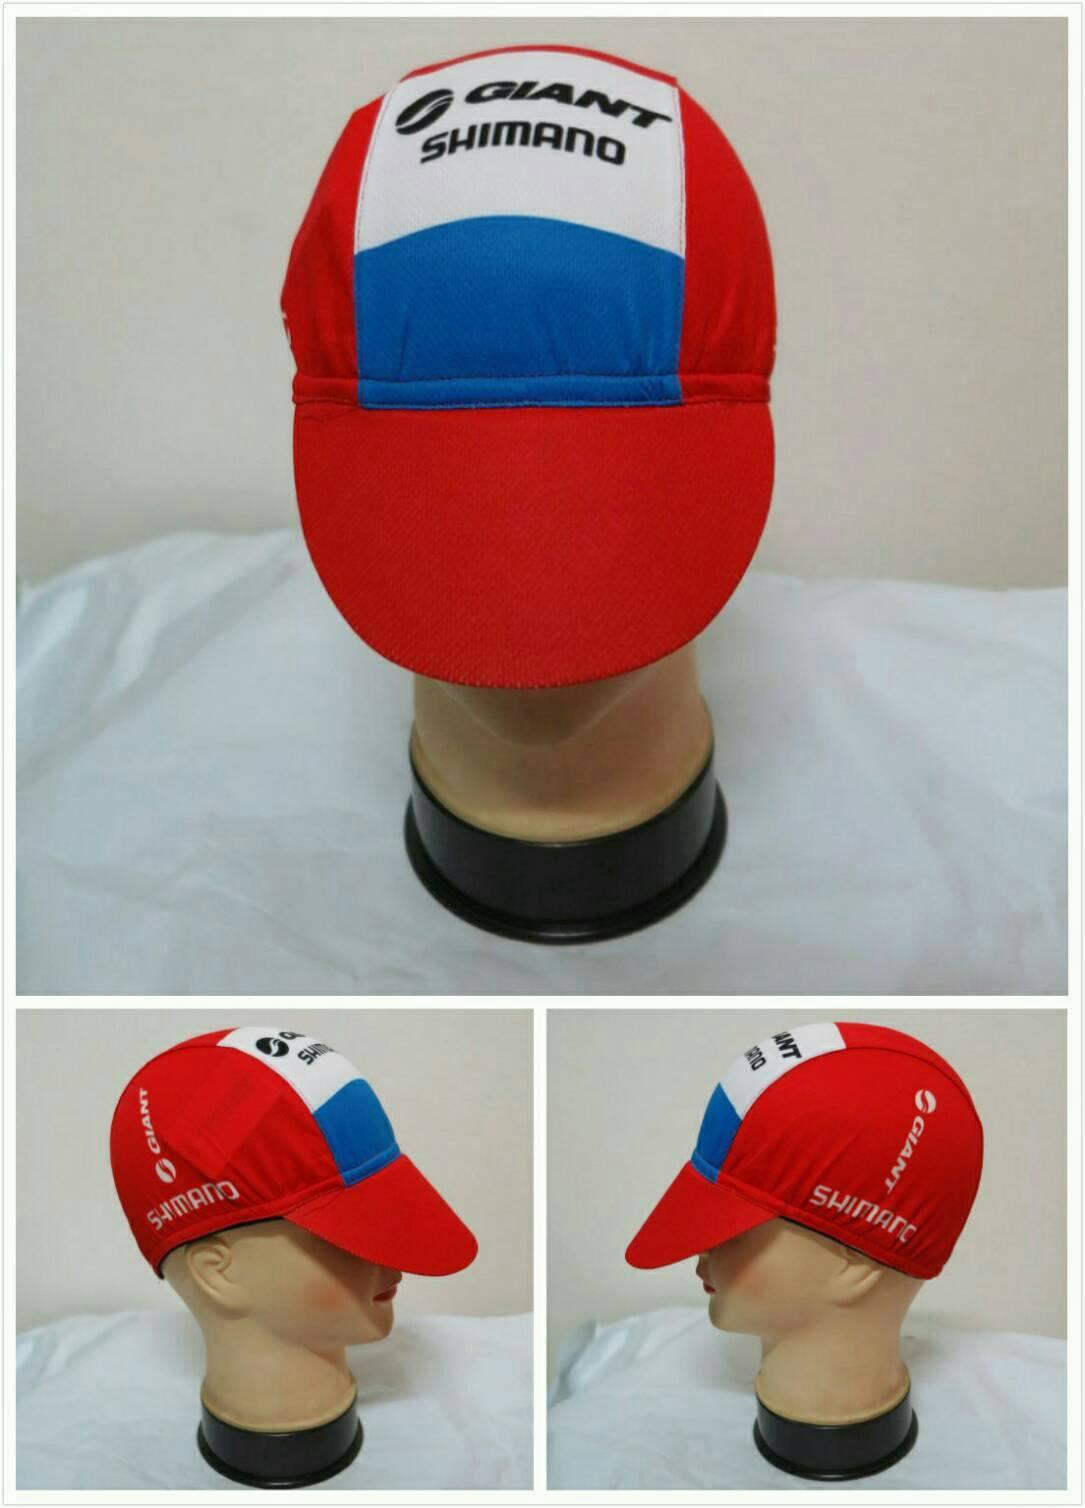 หมวกแก๊ป ลาย giant แดง (แอดไลน์ @pinpinbike ใส่ @ ข้างหน้าด้วยนะคะ)